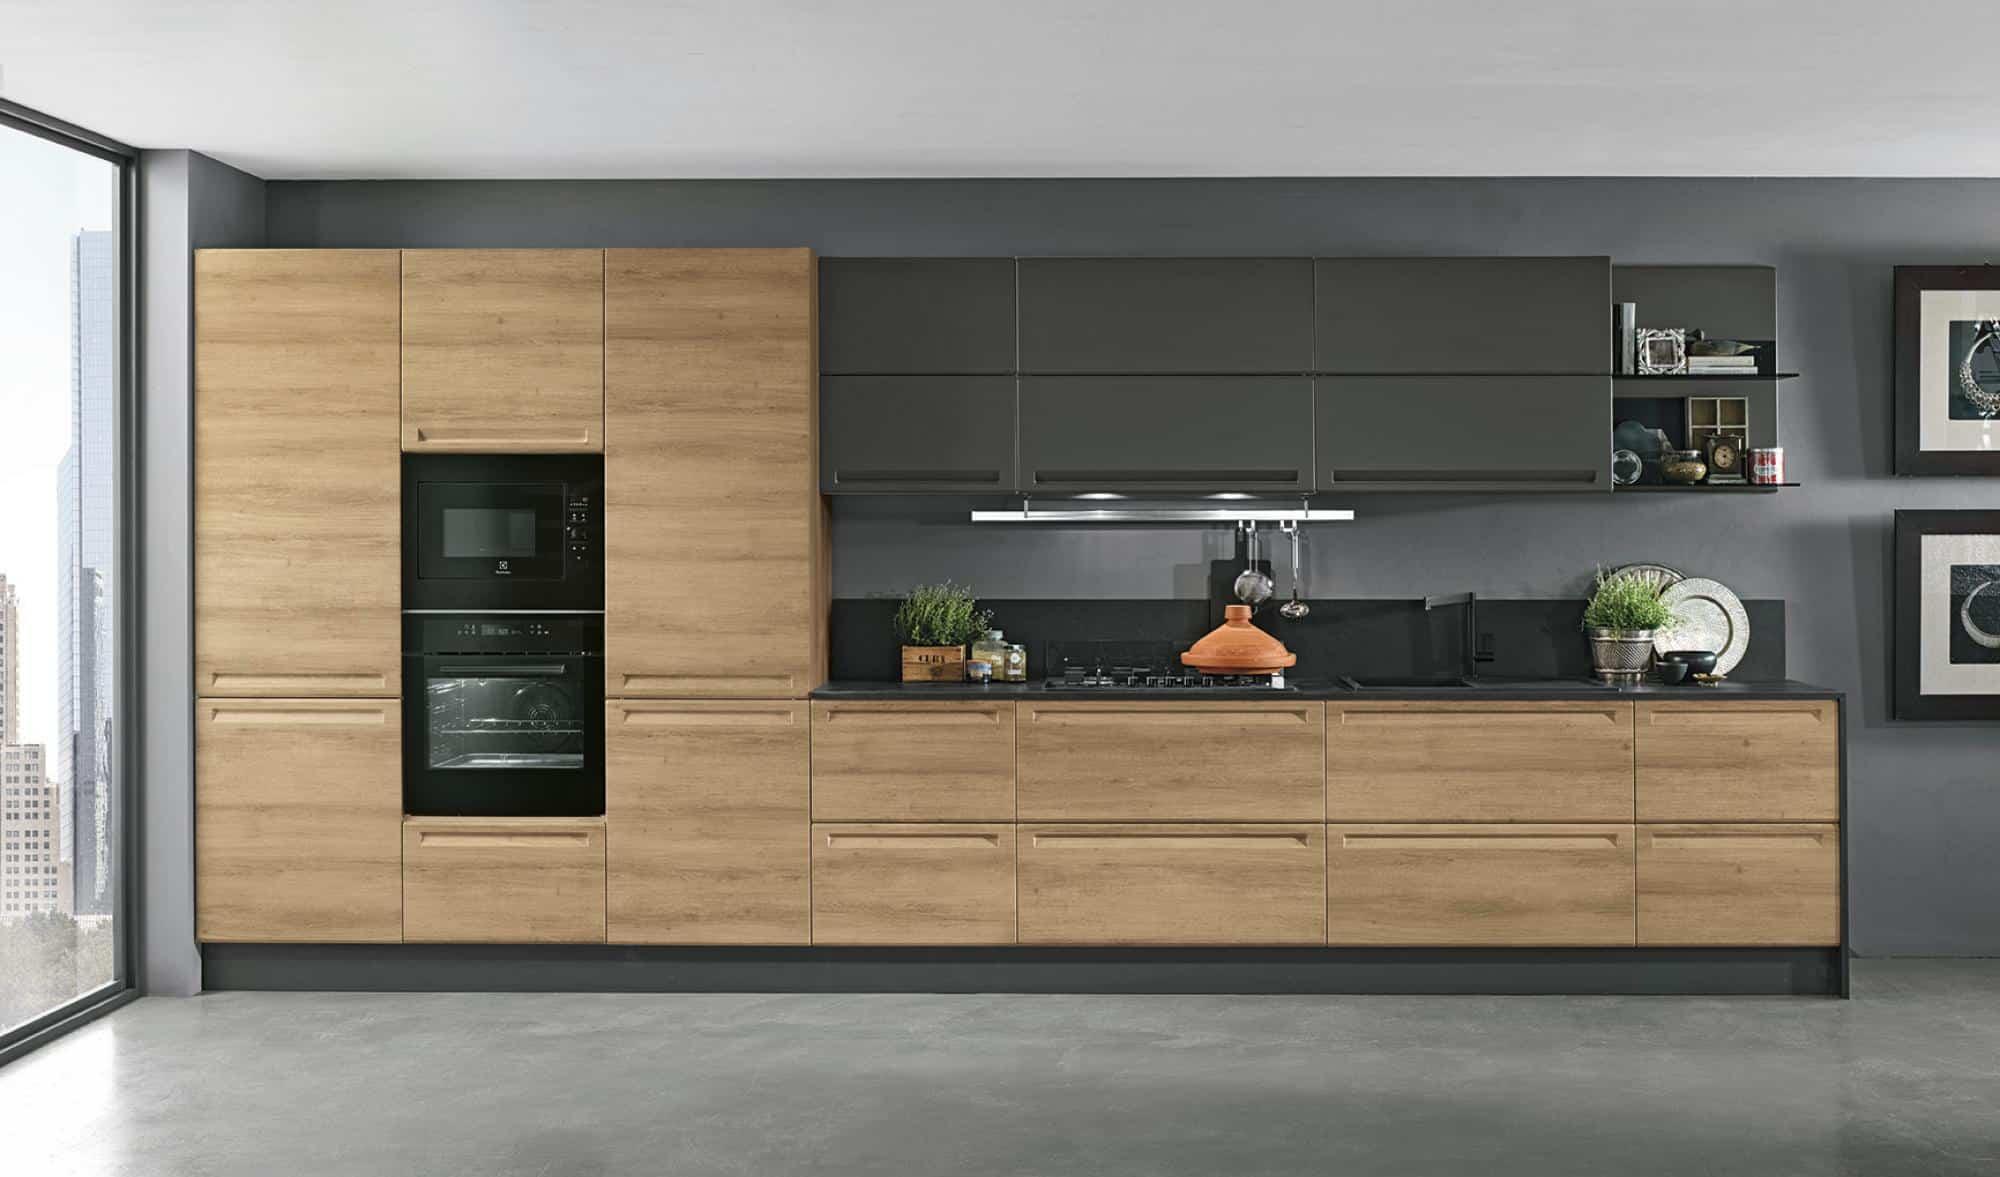 Κουζίνα ματ πολυμερες Isla φυσικο και γκρι χρωματισμο πολυμερικο με ενσωματωμενη λαβη και ρετρο υφος λεπτομερειες